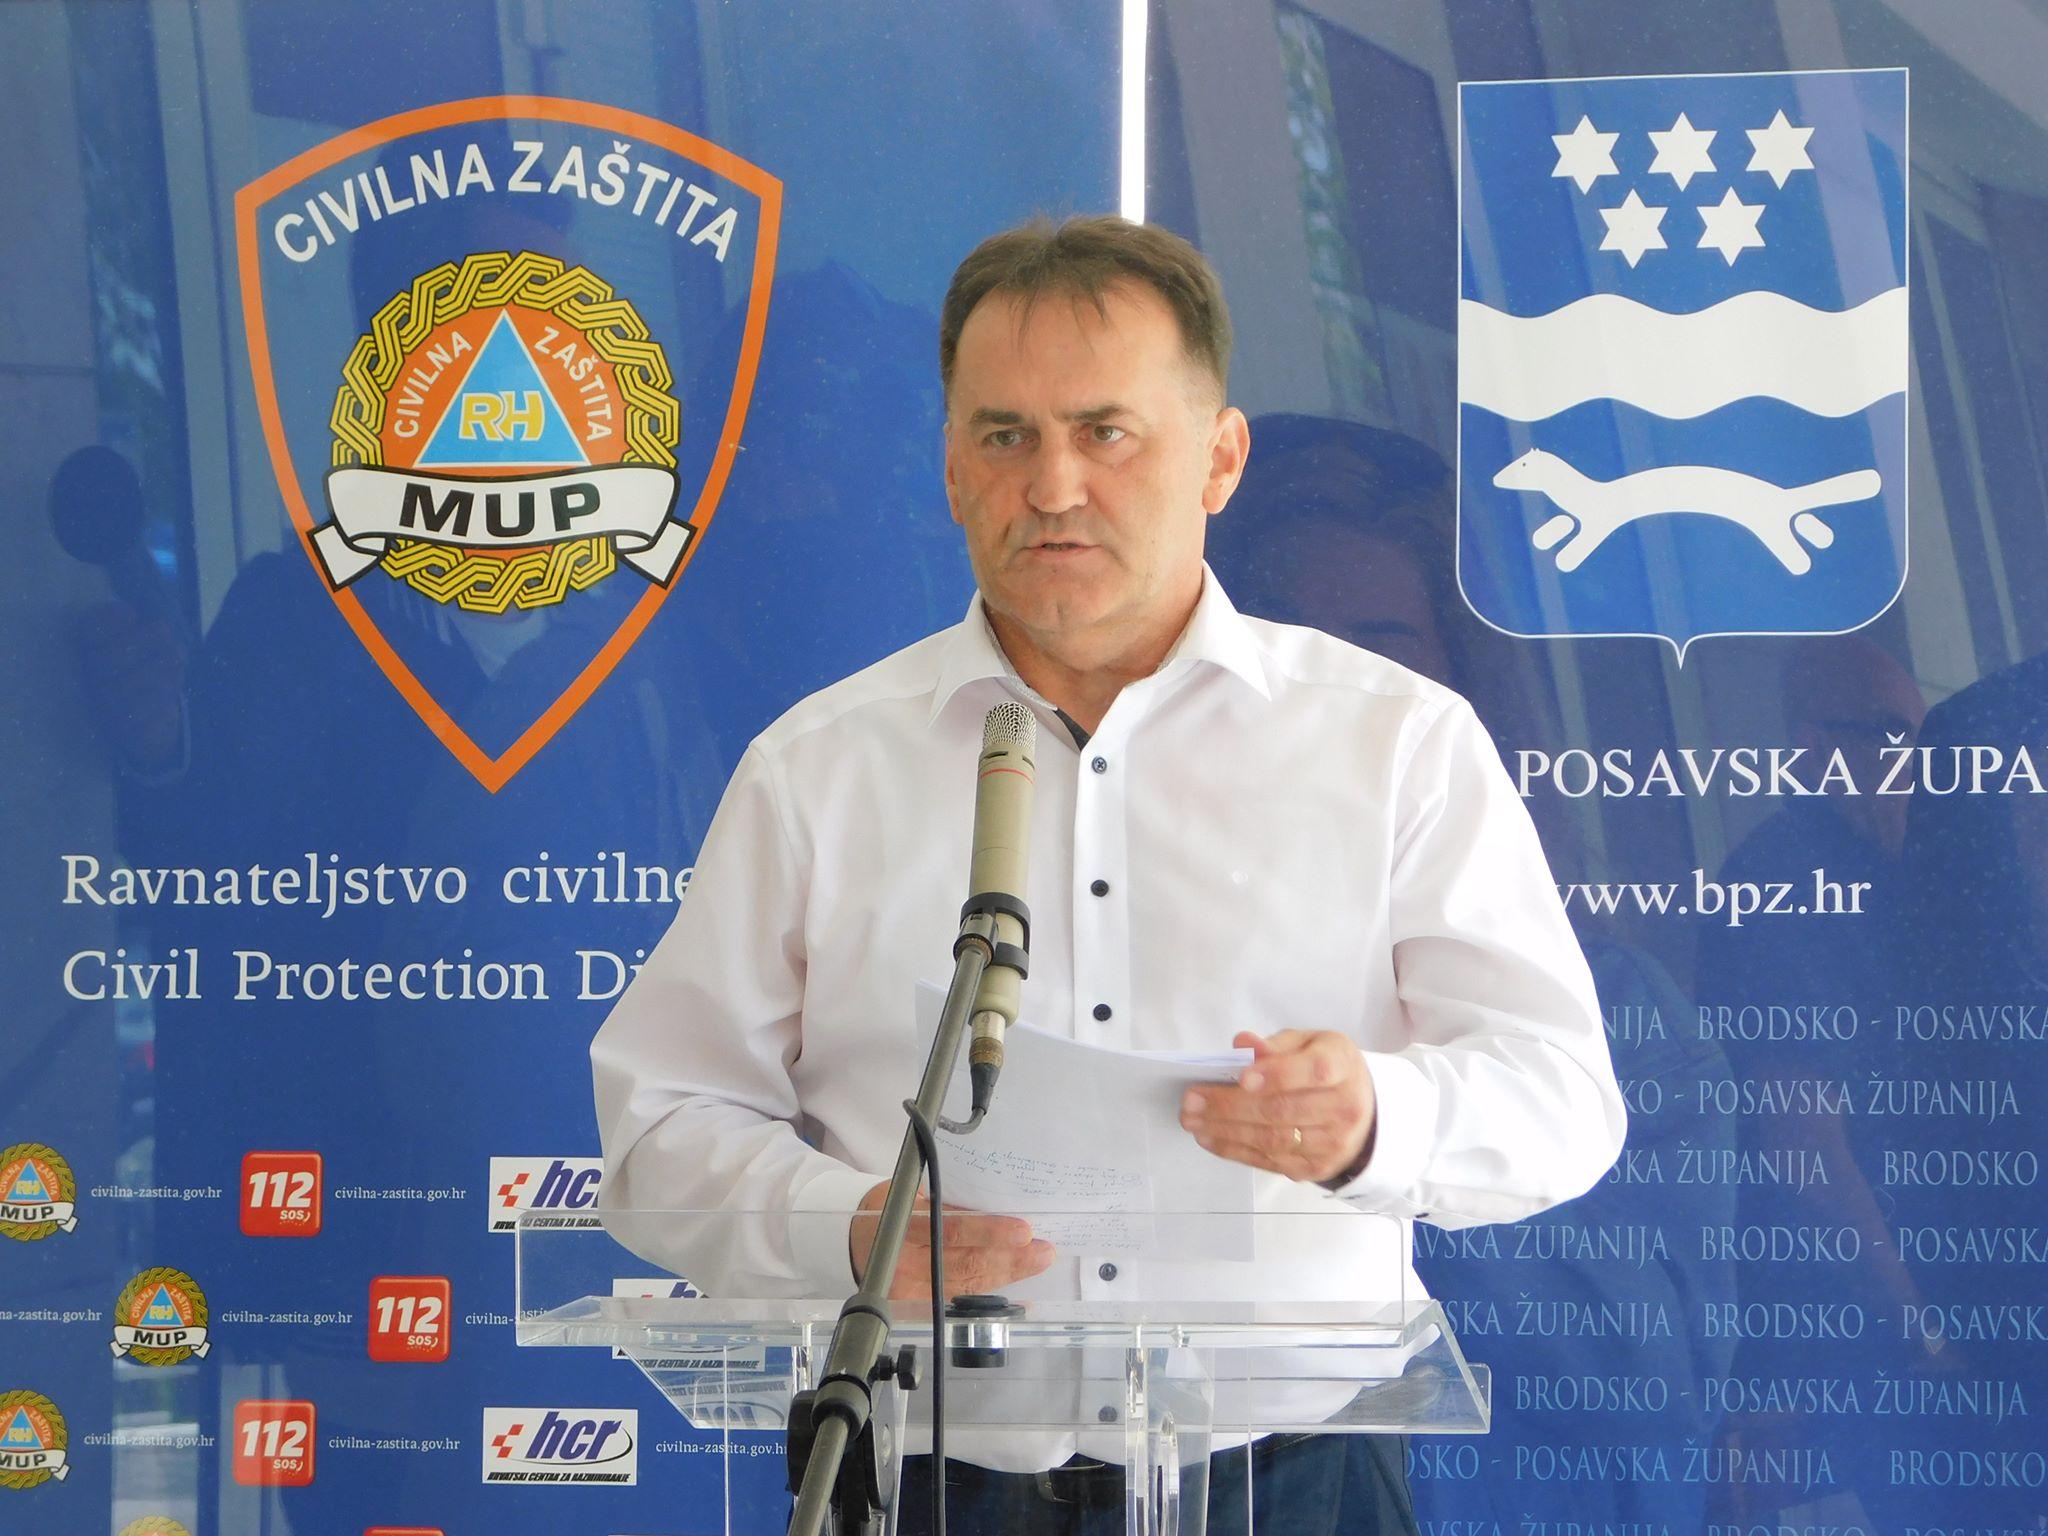 U Brodsko-posavskoj županiji 2 nova slučaja zaraze koronavirusom